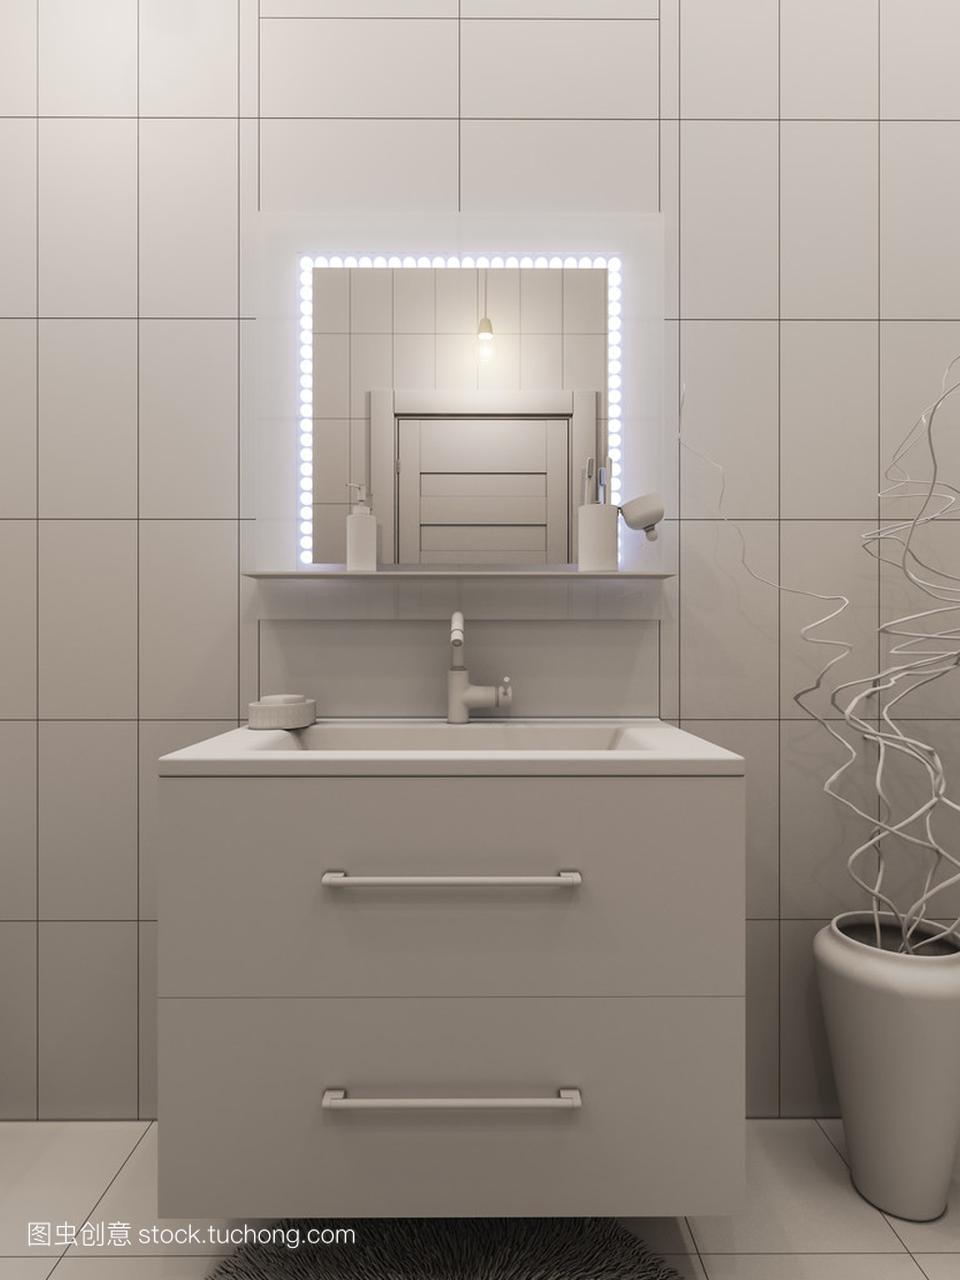 儿童浴室室内设计的3d渲染孝感哪里有平面设计图片